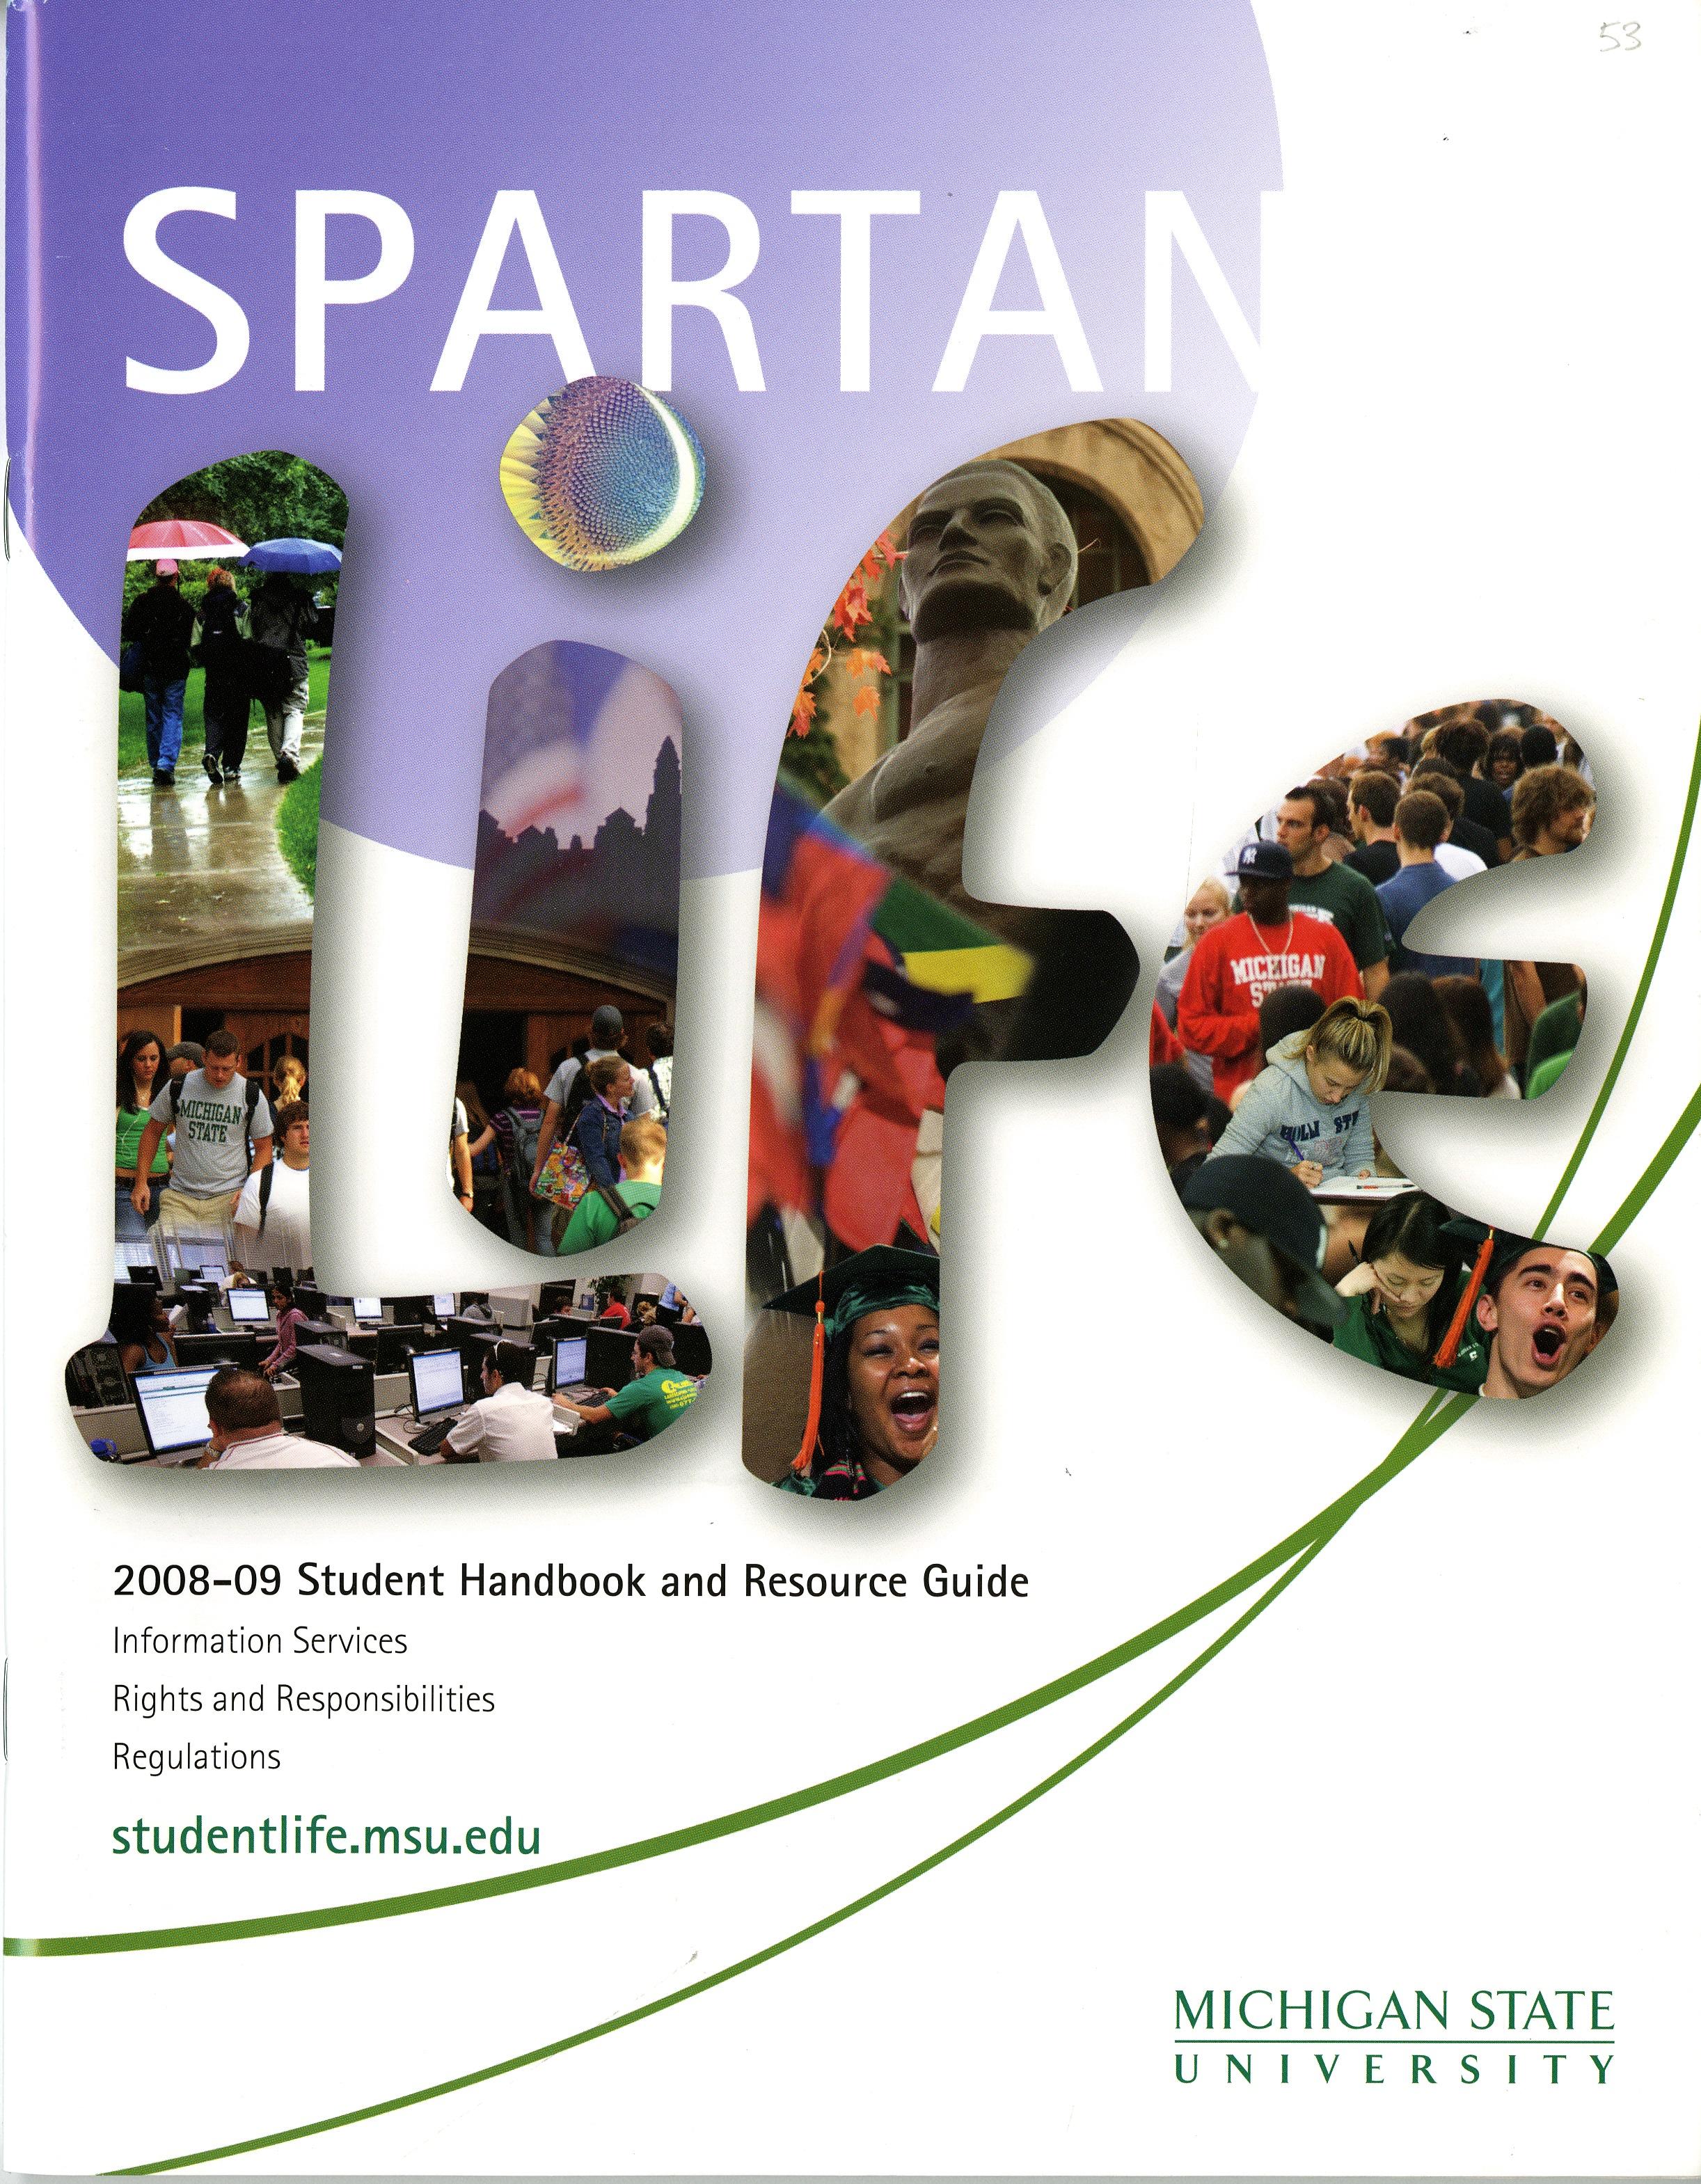 Student Handbook, 2008-2009